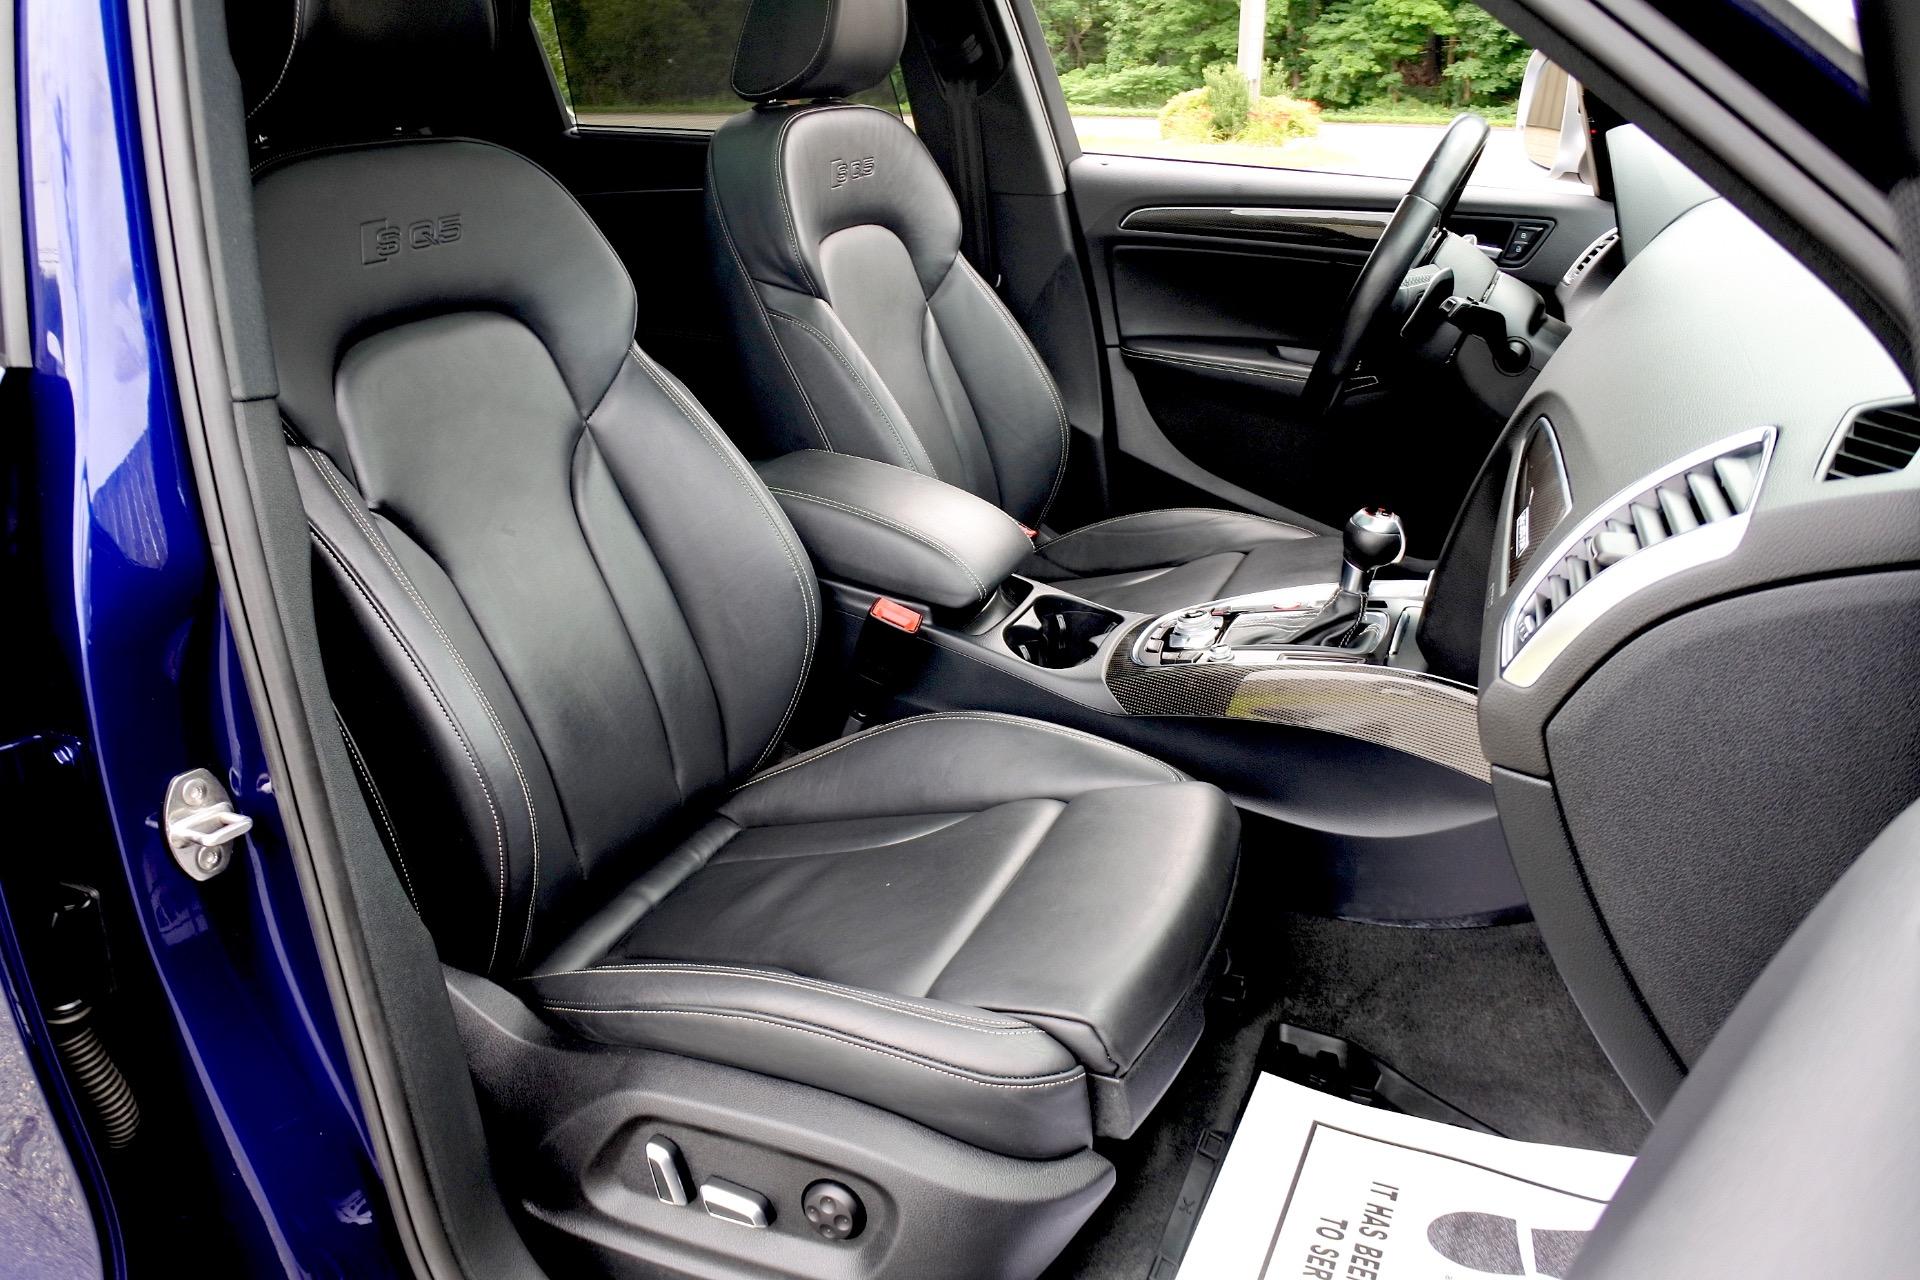 Used 2014 Audi Sq5 3.0 Quattro Used 2014 Audi Sq5 3.0 Quattro for sale  at Metro West Motorcars LLC in Shrewsbury MA 21